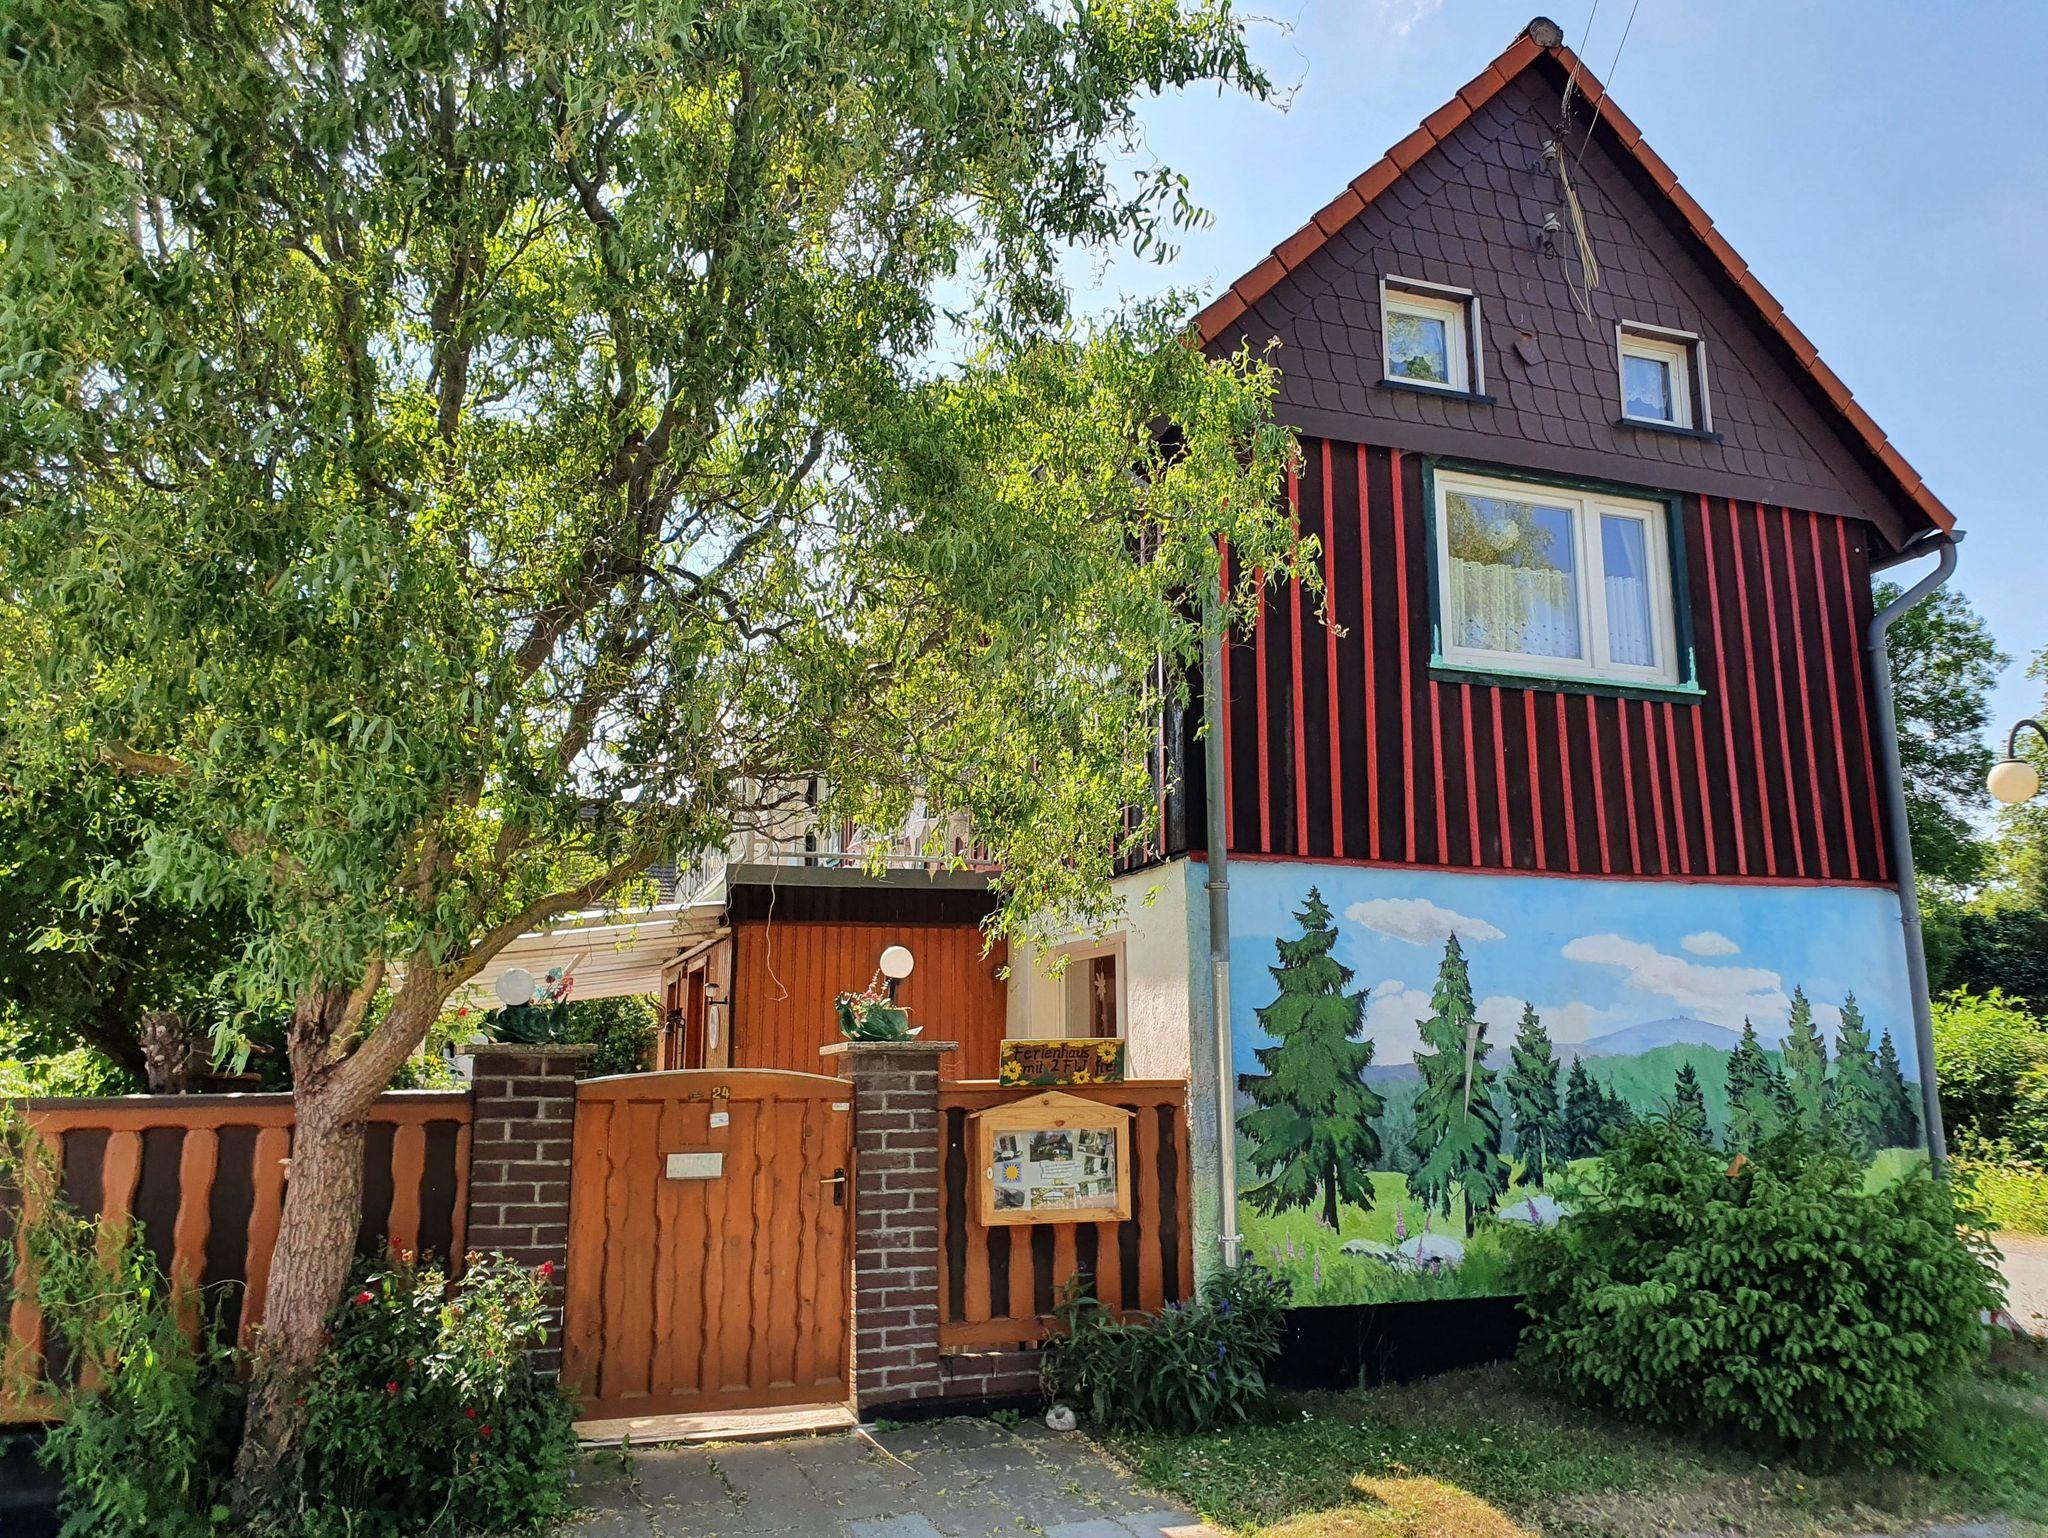 Ferienhaus Hoffmann, Ferienwohnung 1